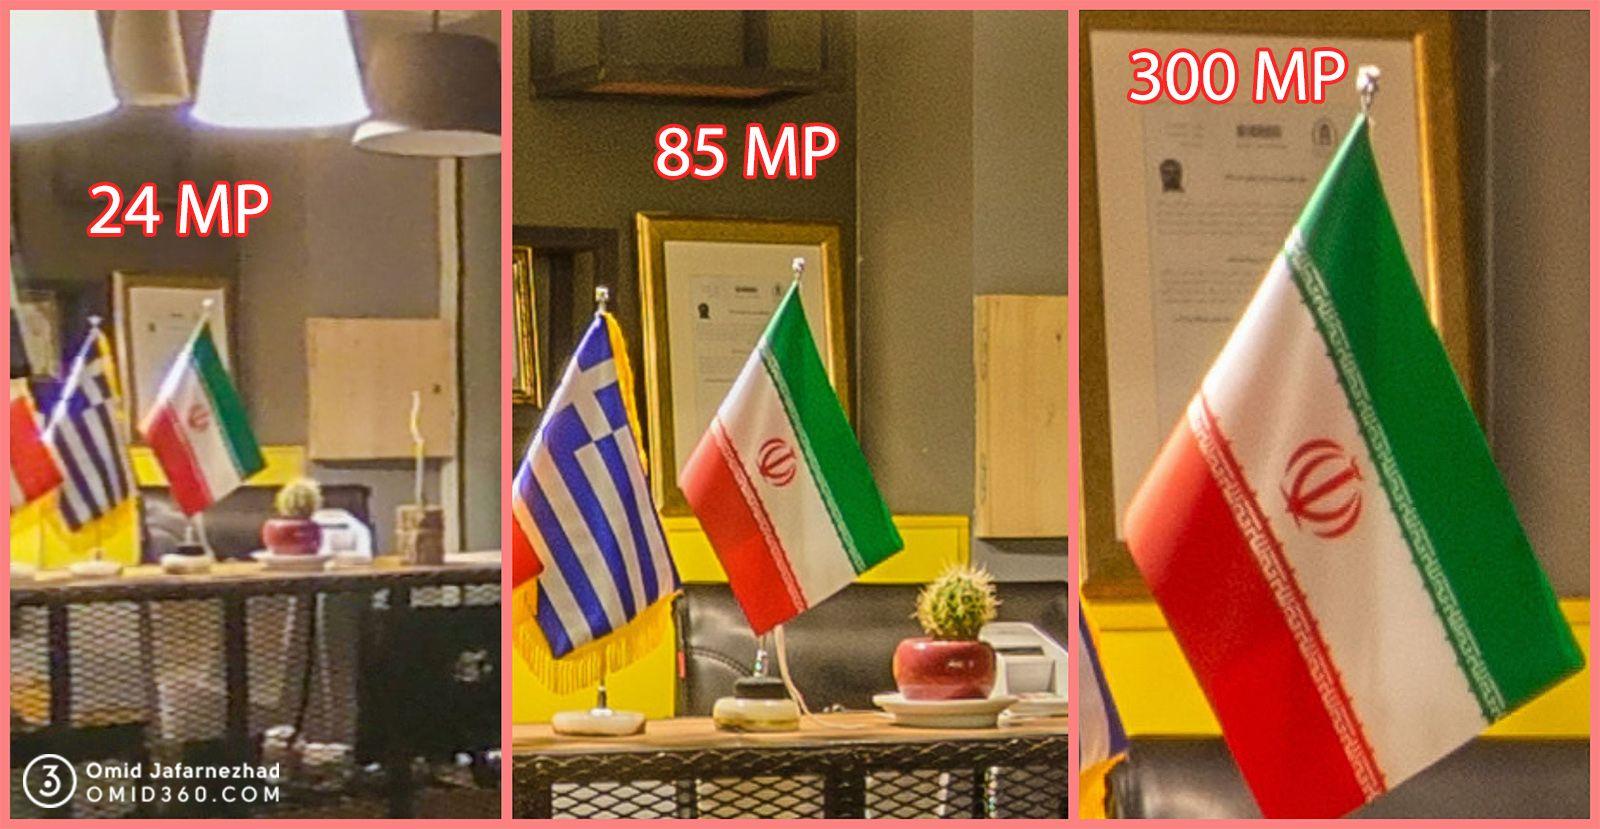 کیفیت رزولیشن تور مجازی عکس 360 - قیمت تور مجازی و تعرفه خدمات عکاسی